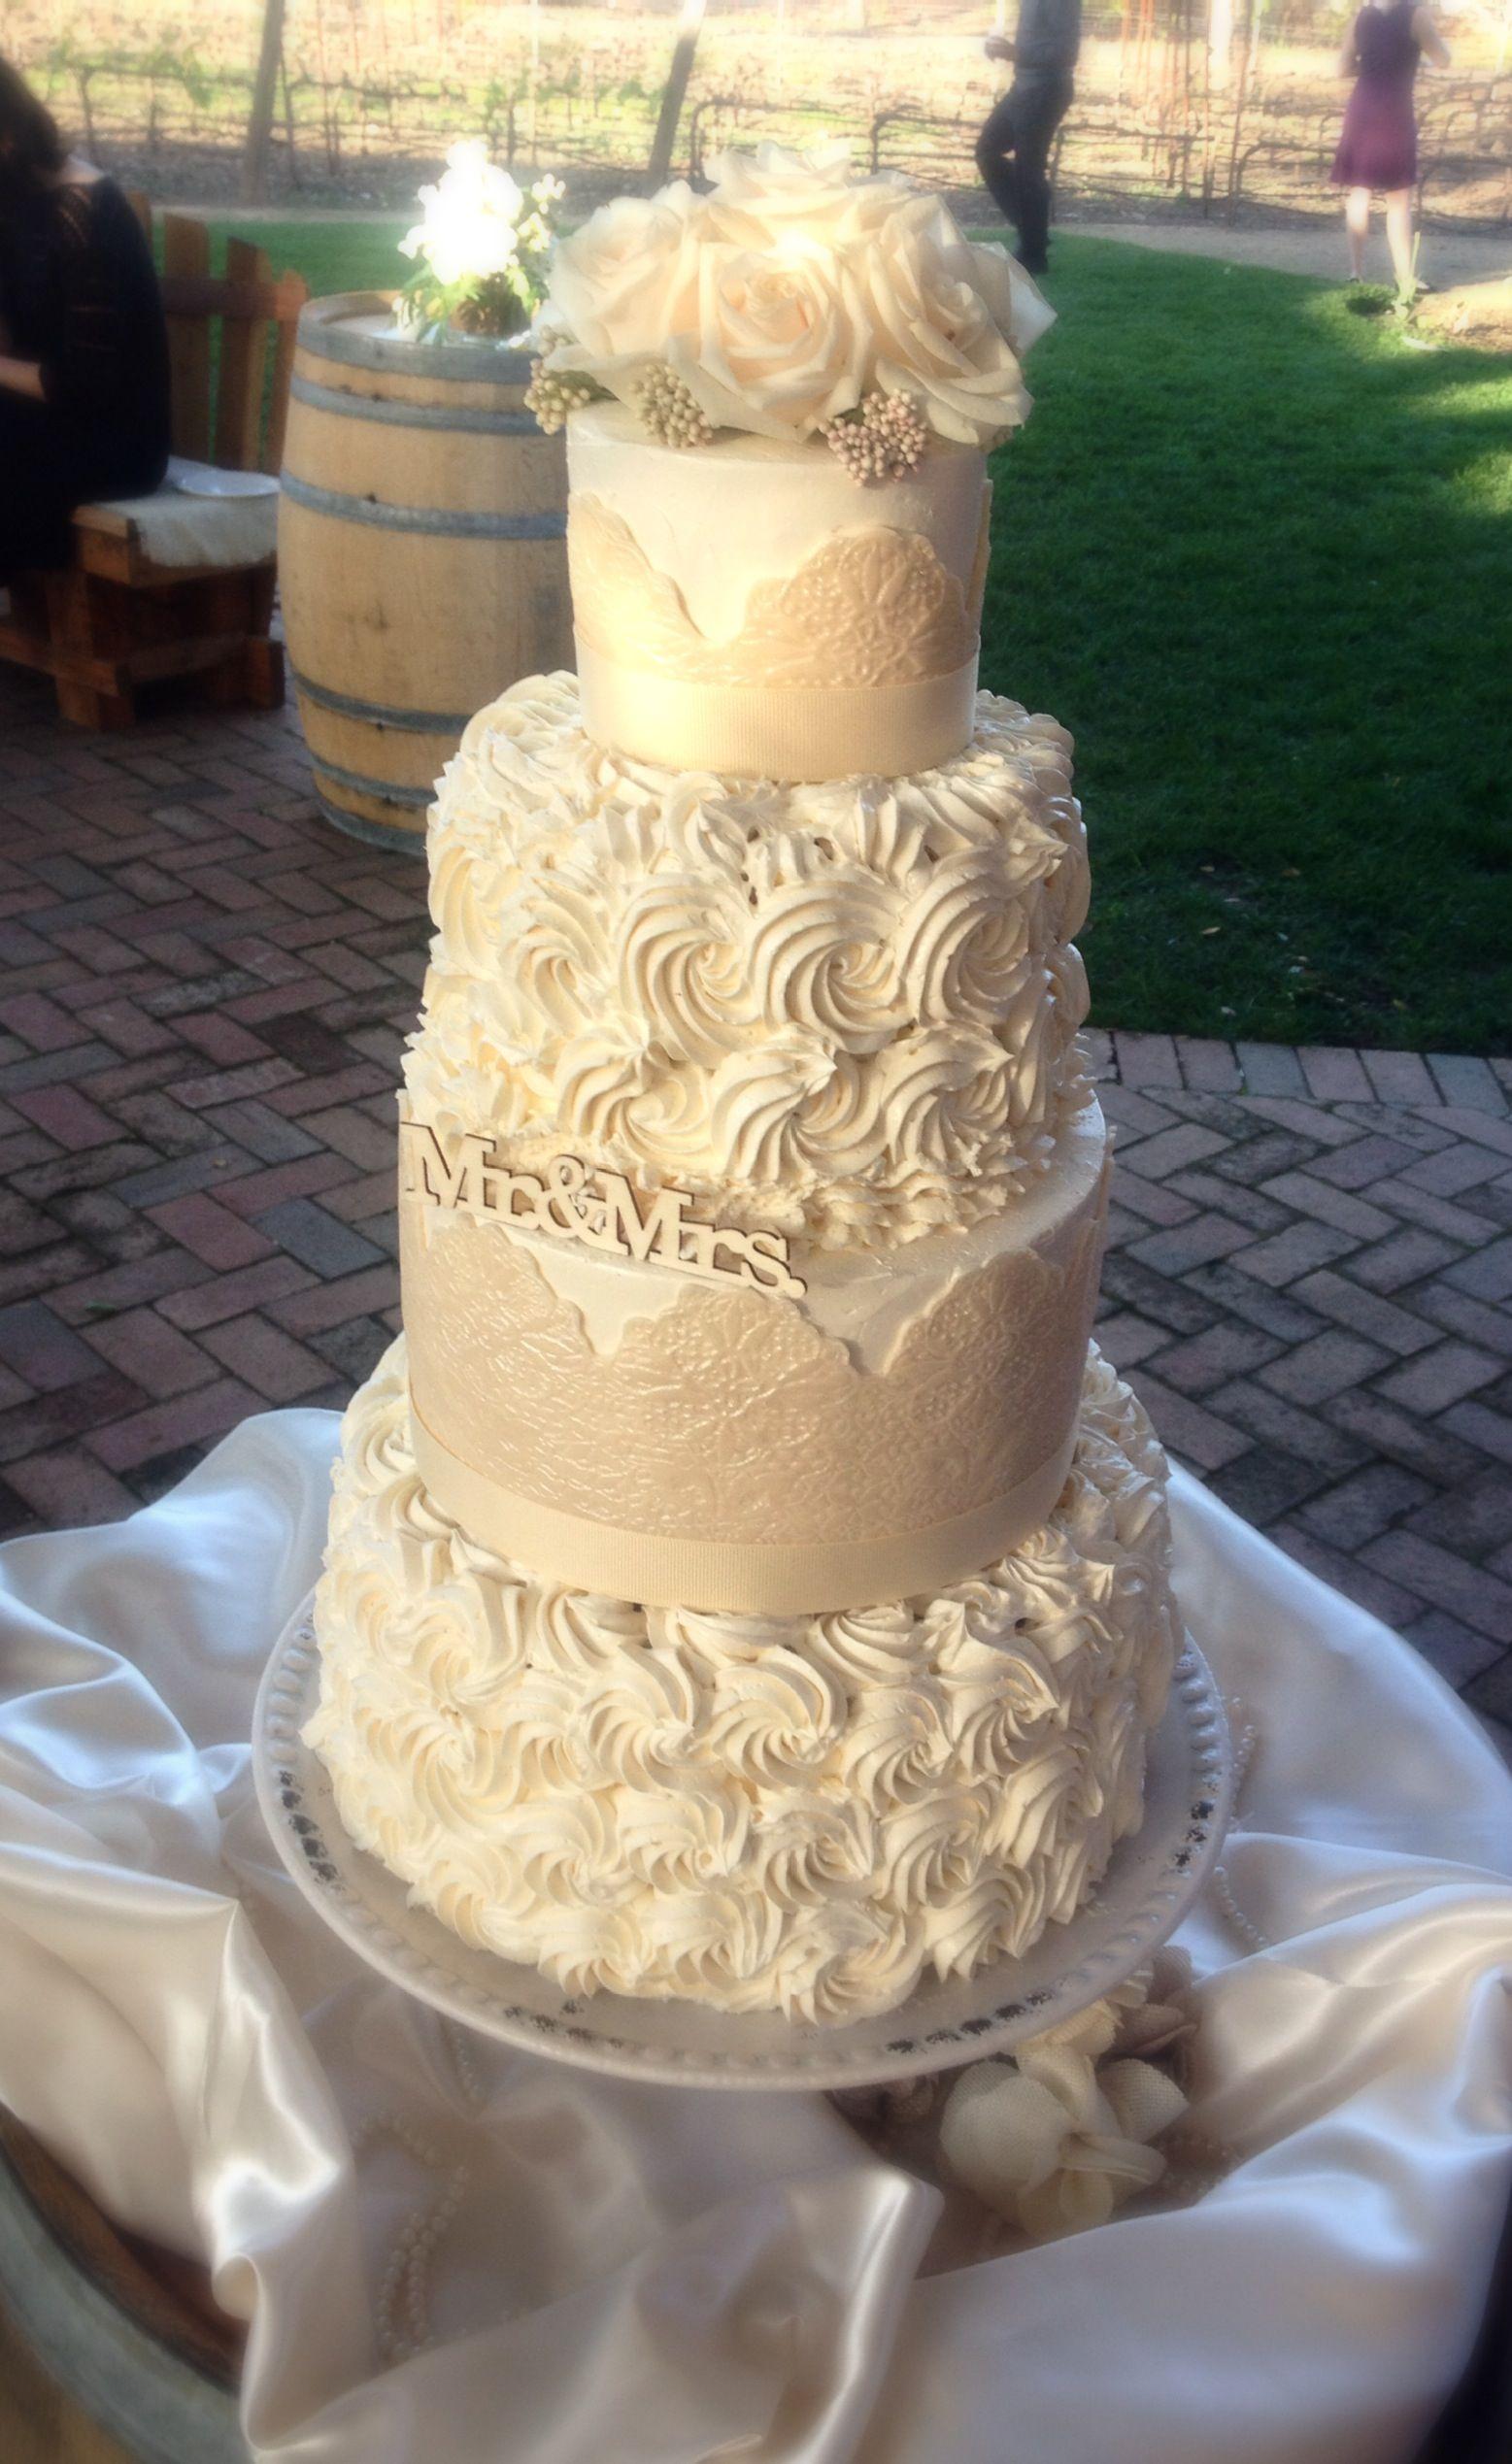 vintage rose lace wedding cake wedding cakes pinterest. Black Bedroom Furniture Sets. Home Design Ideas